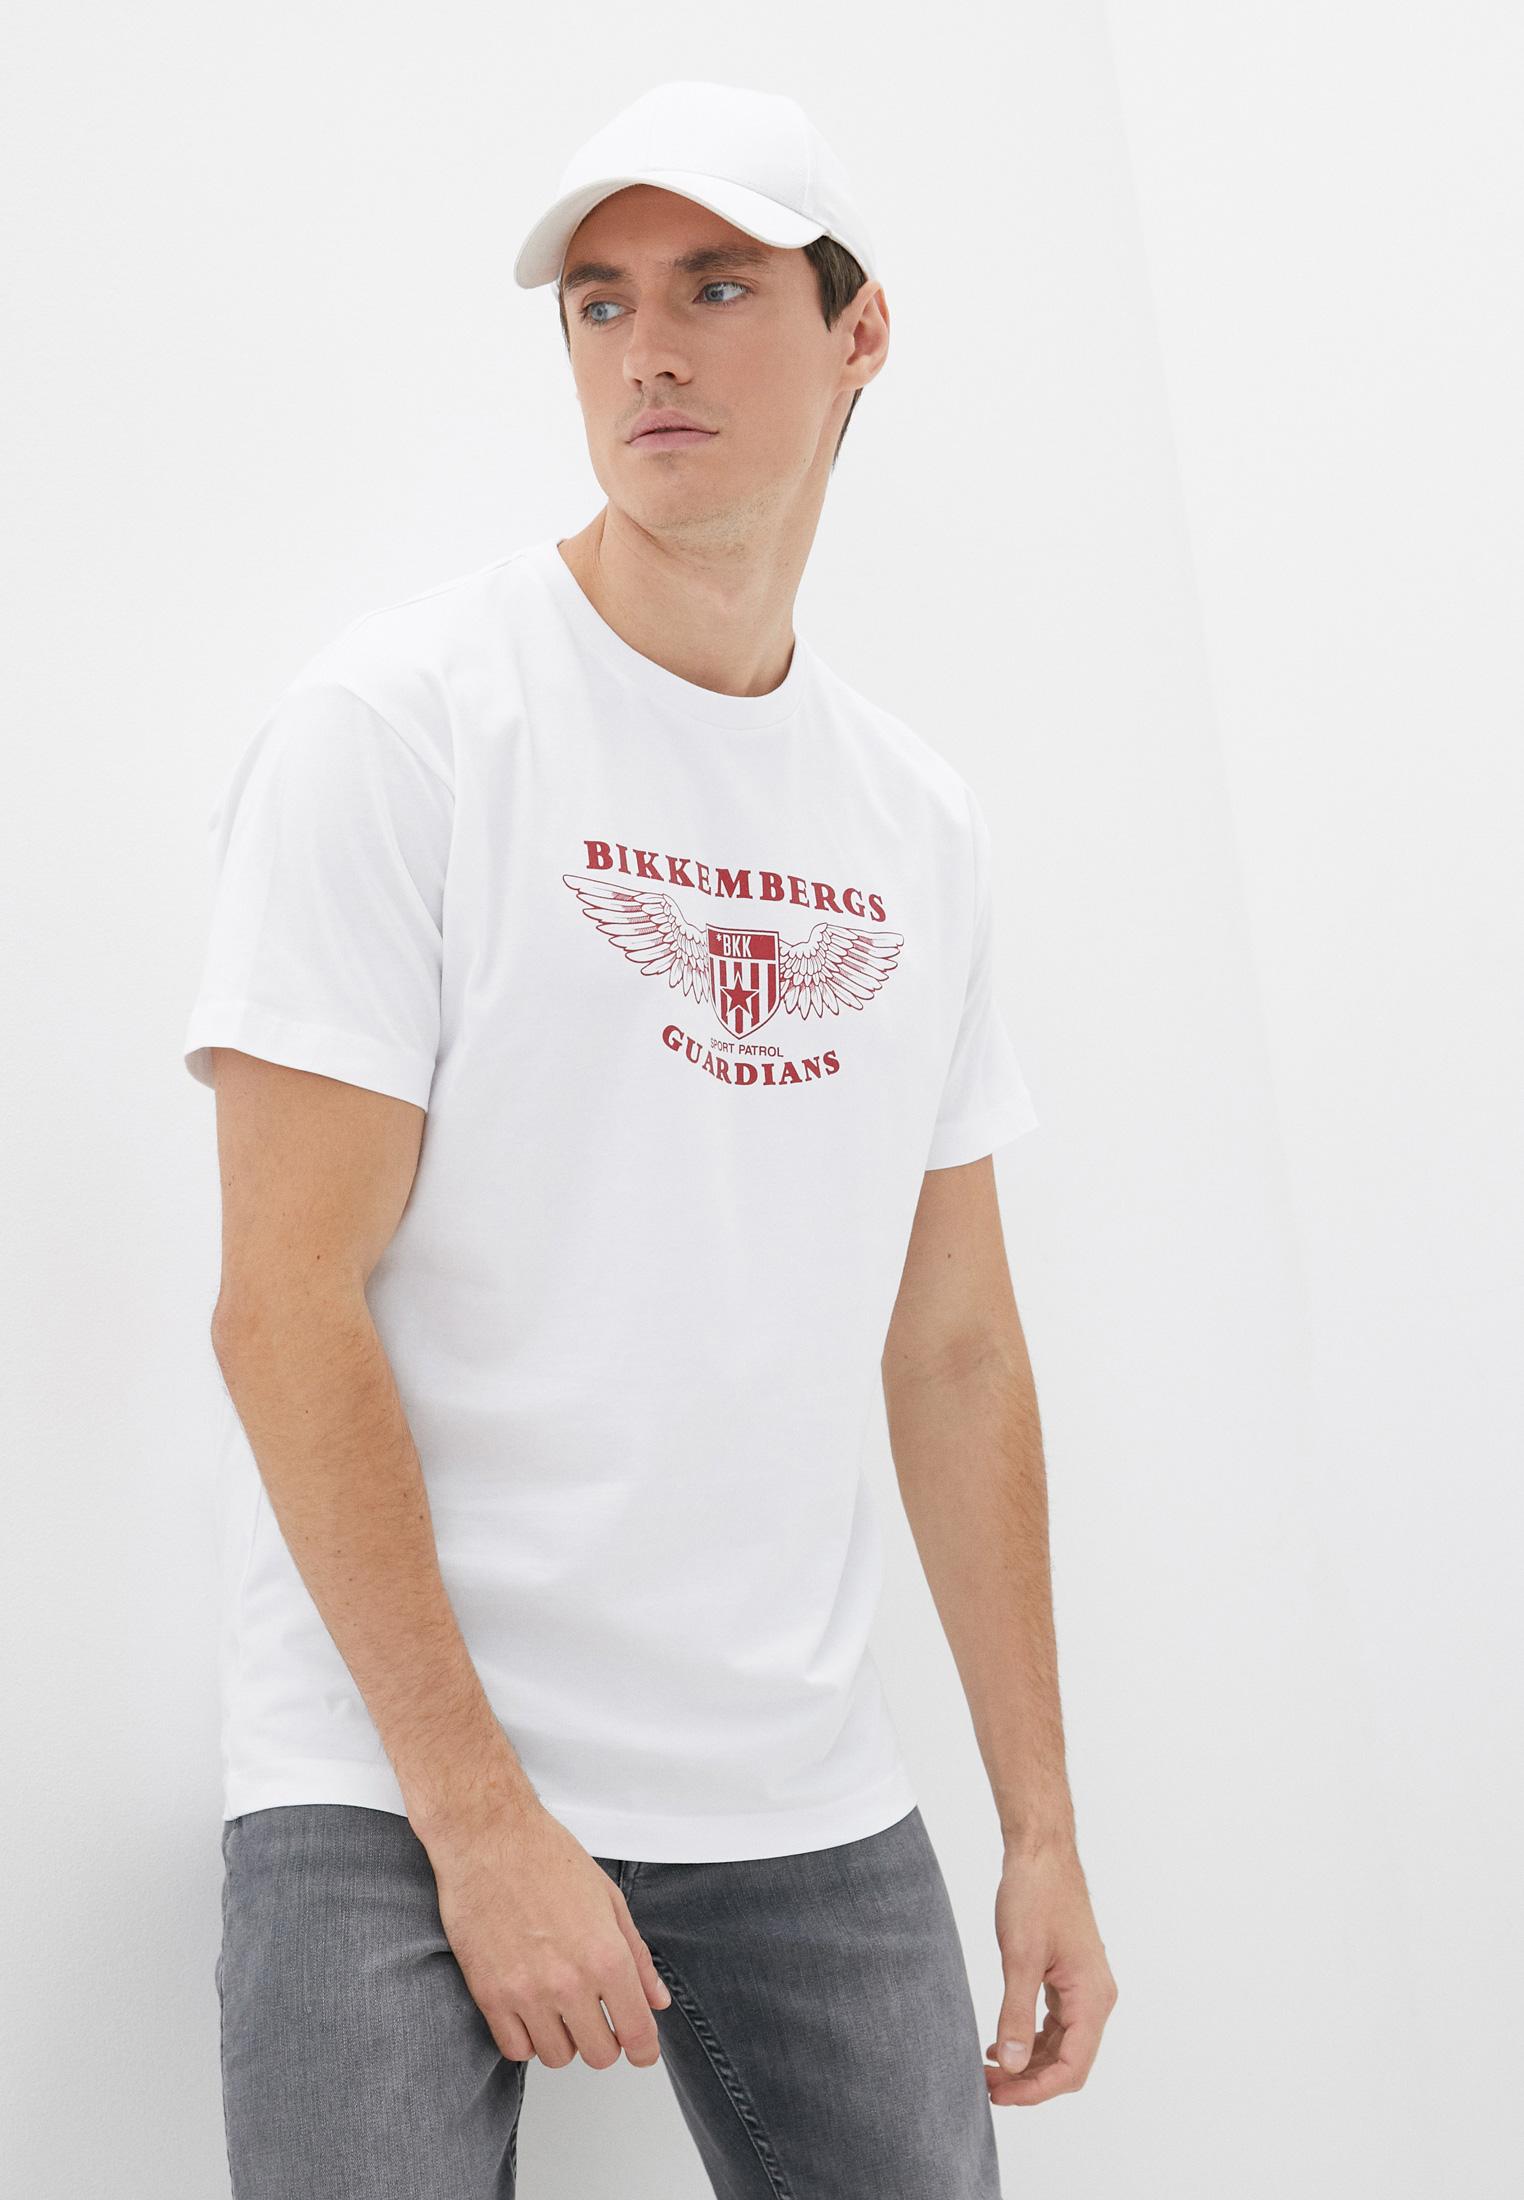 Мужская футболка Bikkembergs (Биккембергс) C 7 022 8T E 1951